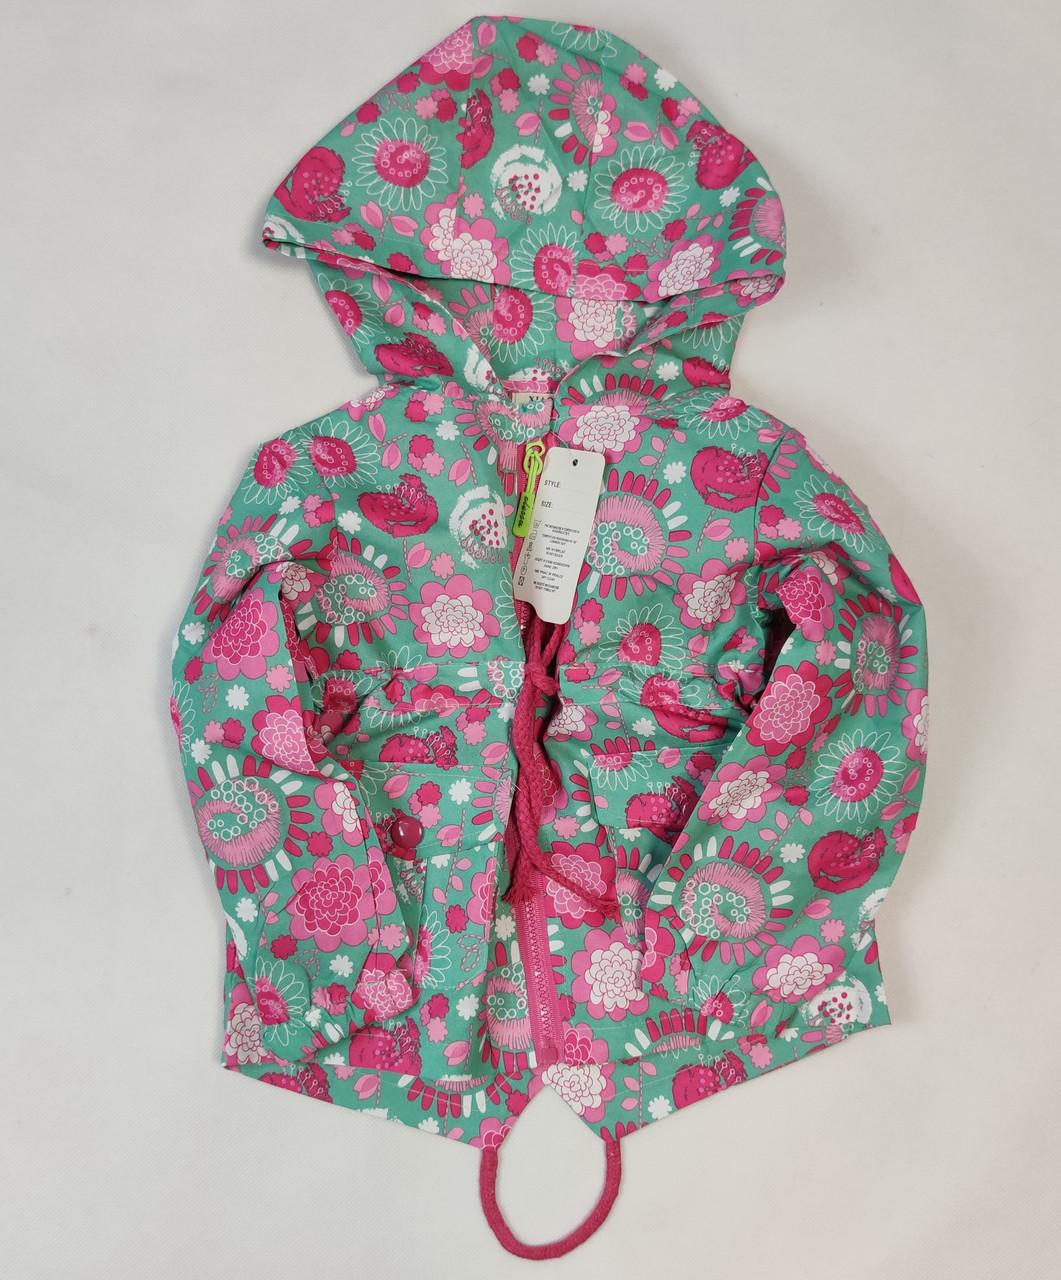 демисезонная курточка зелёного цвета для девочки